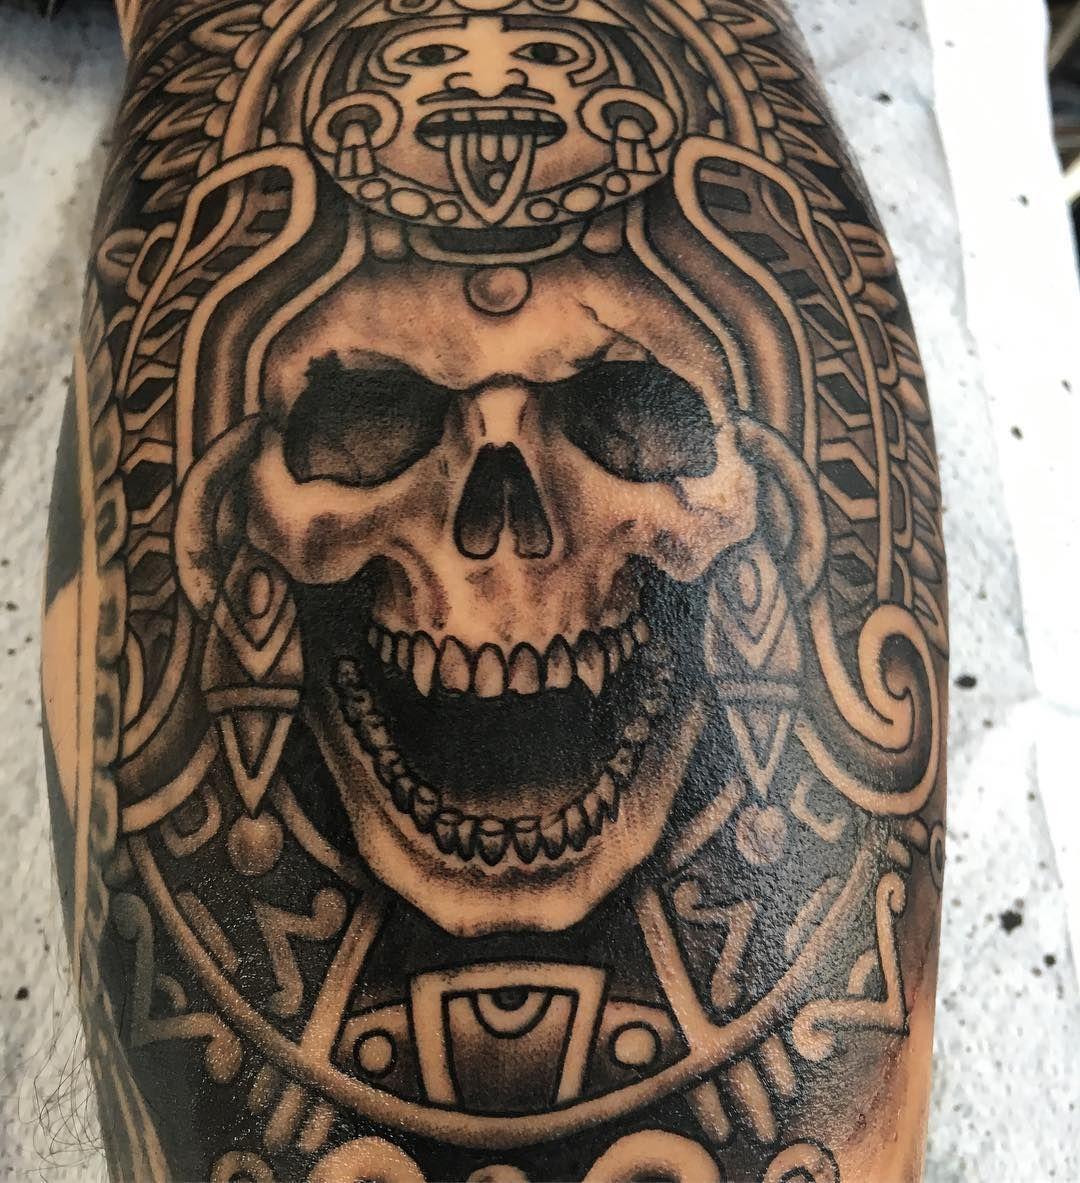 aztec tattoo mexican tattoo pinterest tattoo aztec tattoo designs and mexican tattoo. Black Bedroom Furniture Sets. Home Design Ideas